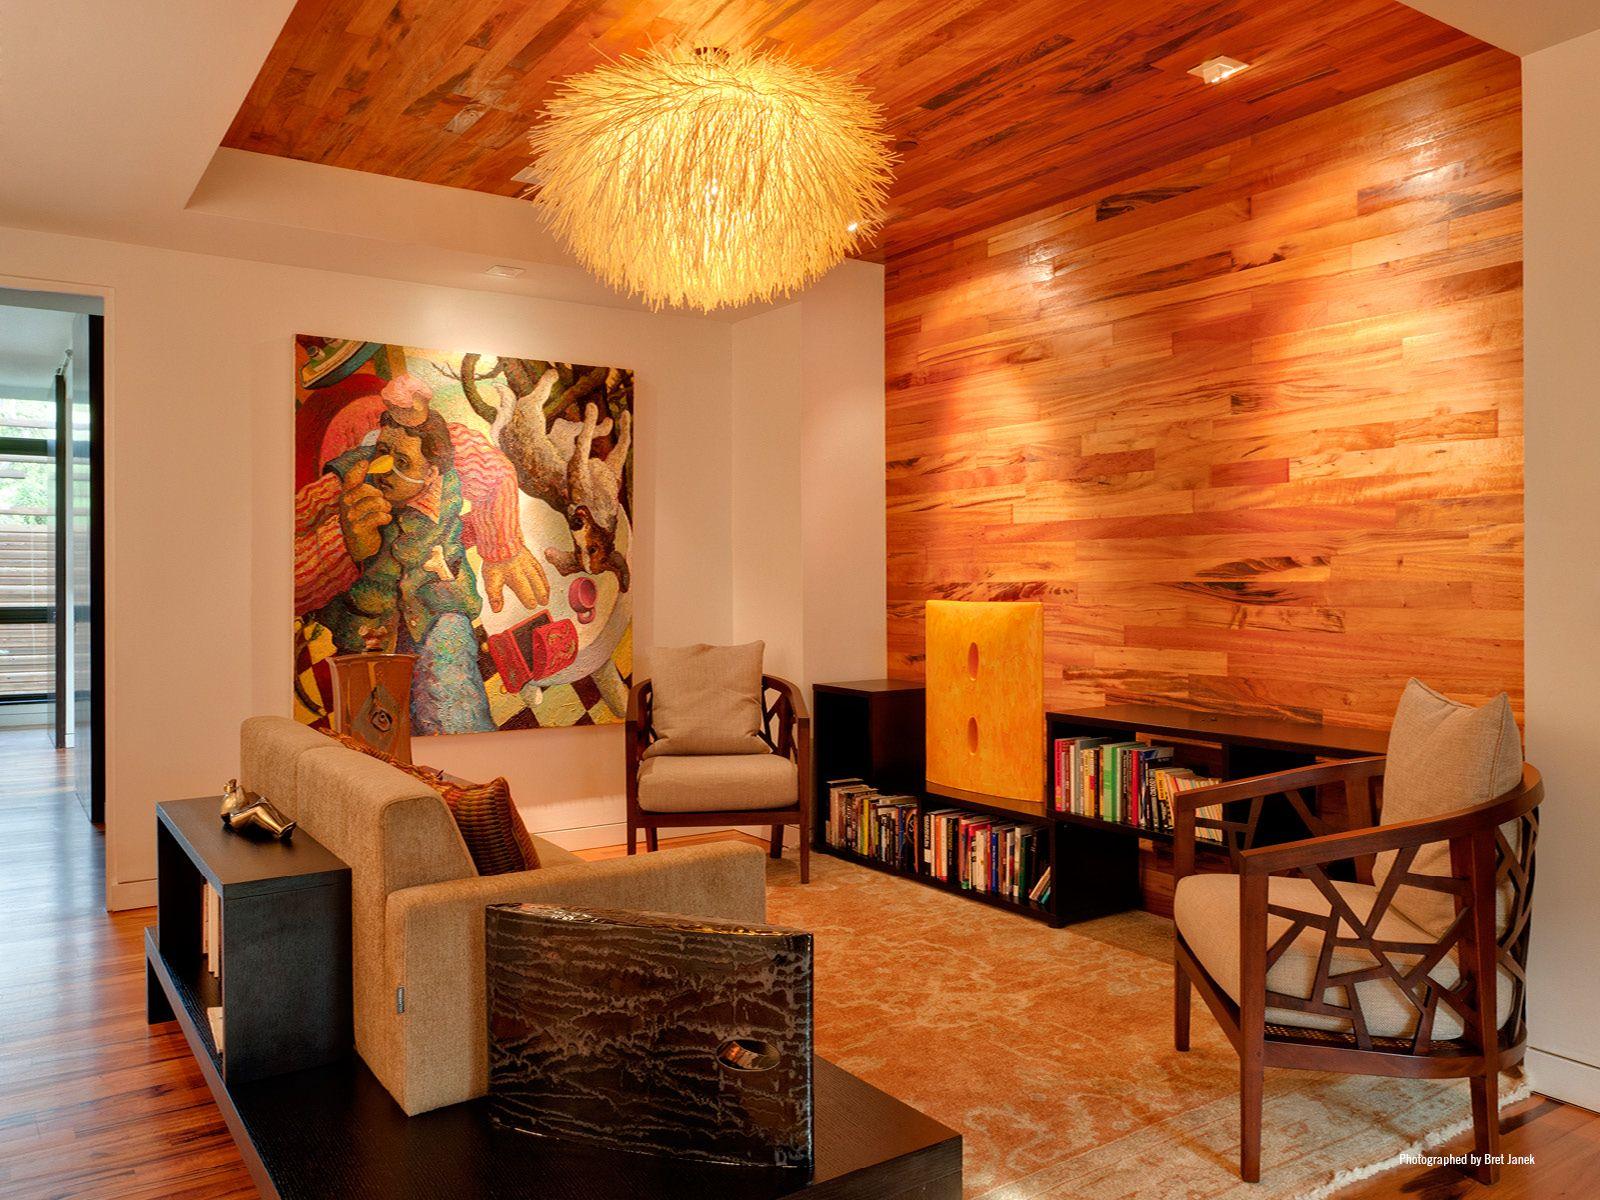 wohnzimmerboden modern:Living Room Design Study